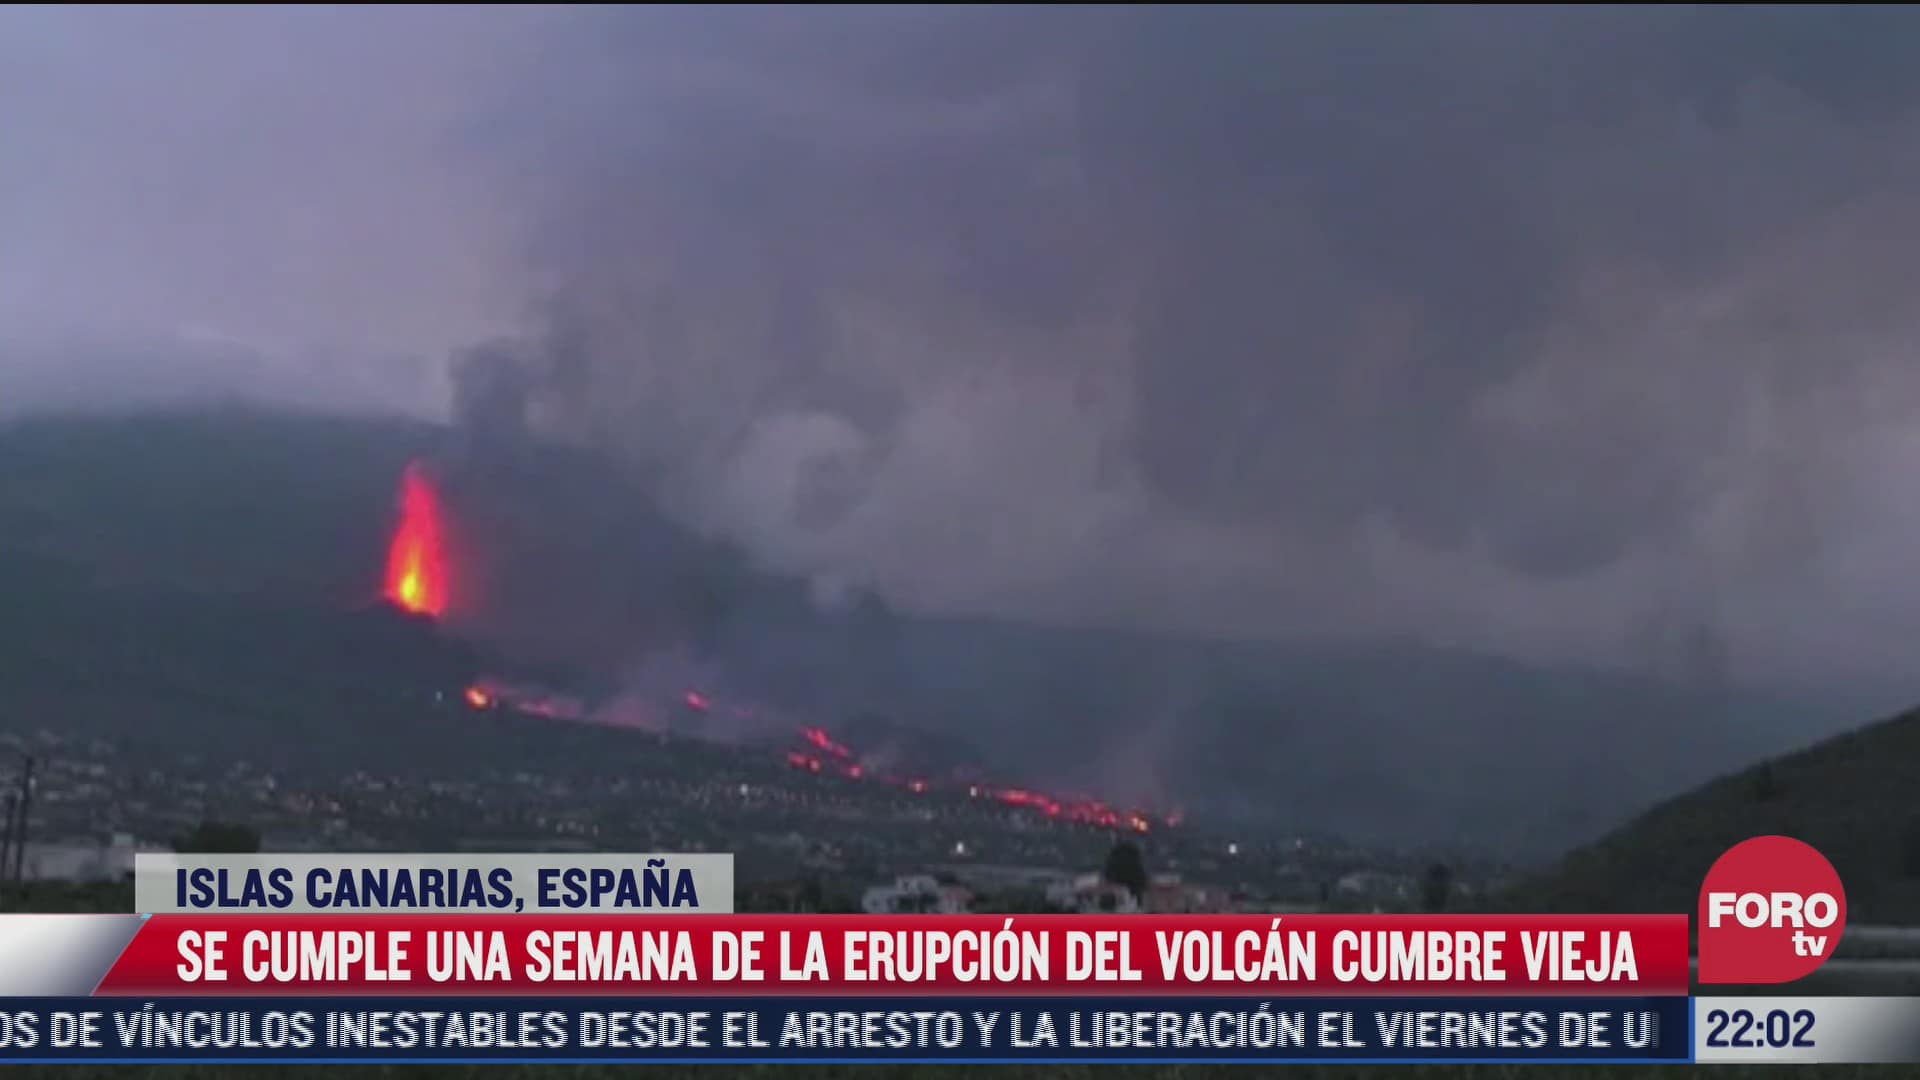 se cumple una semana de la erupcion del volcan cumbre vieja